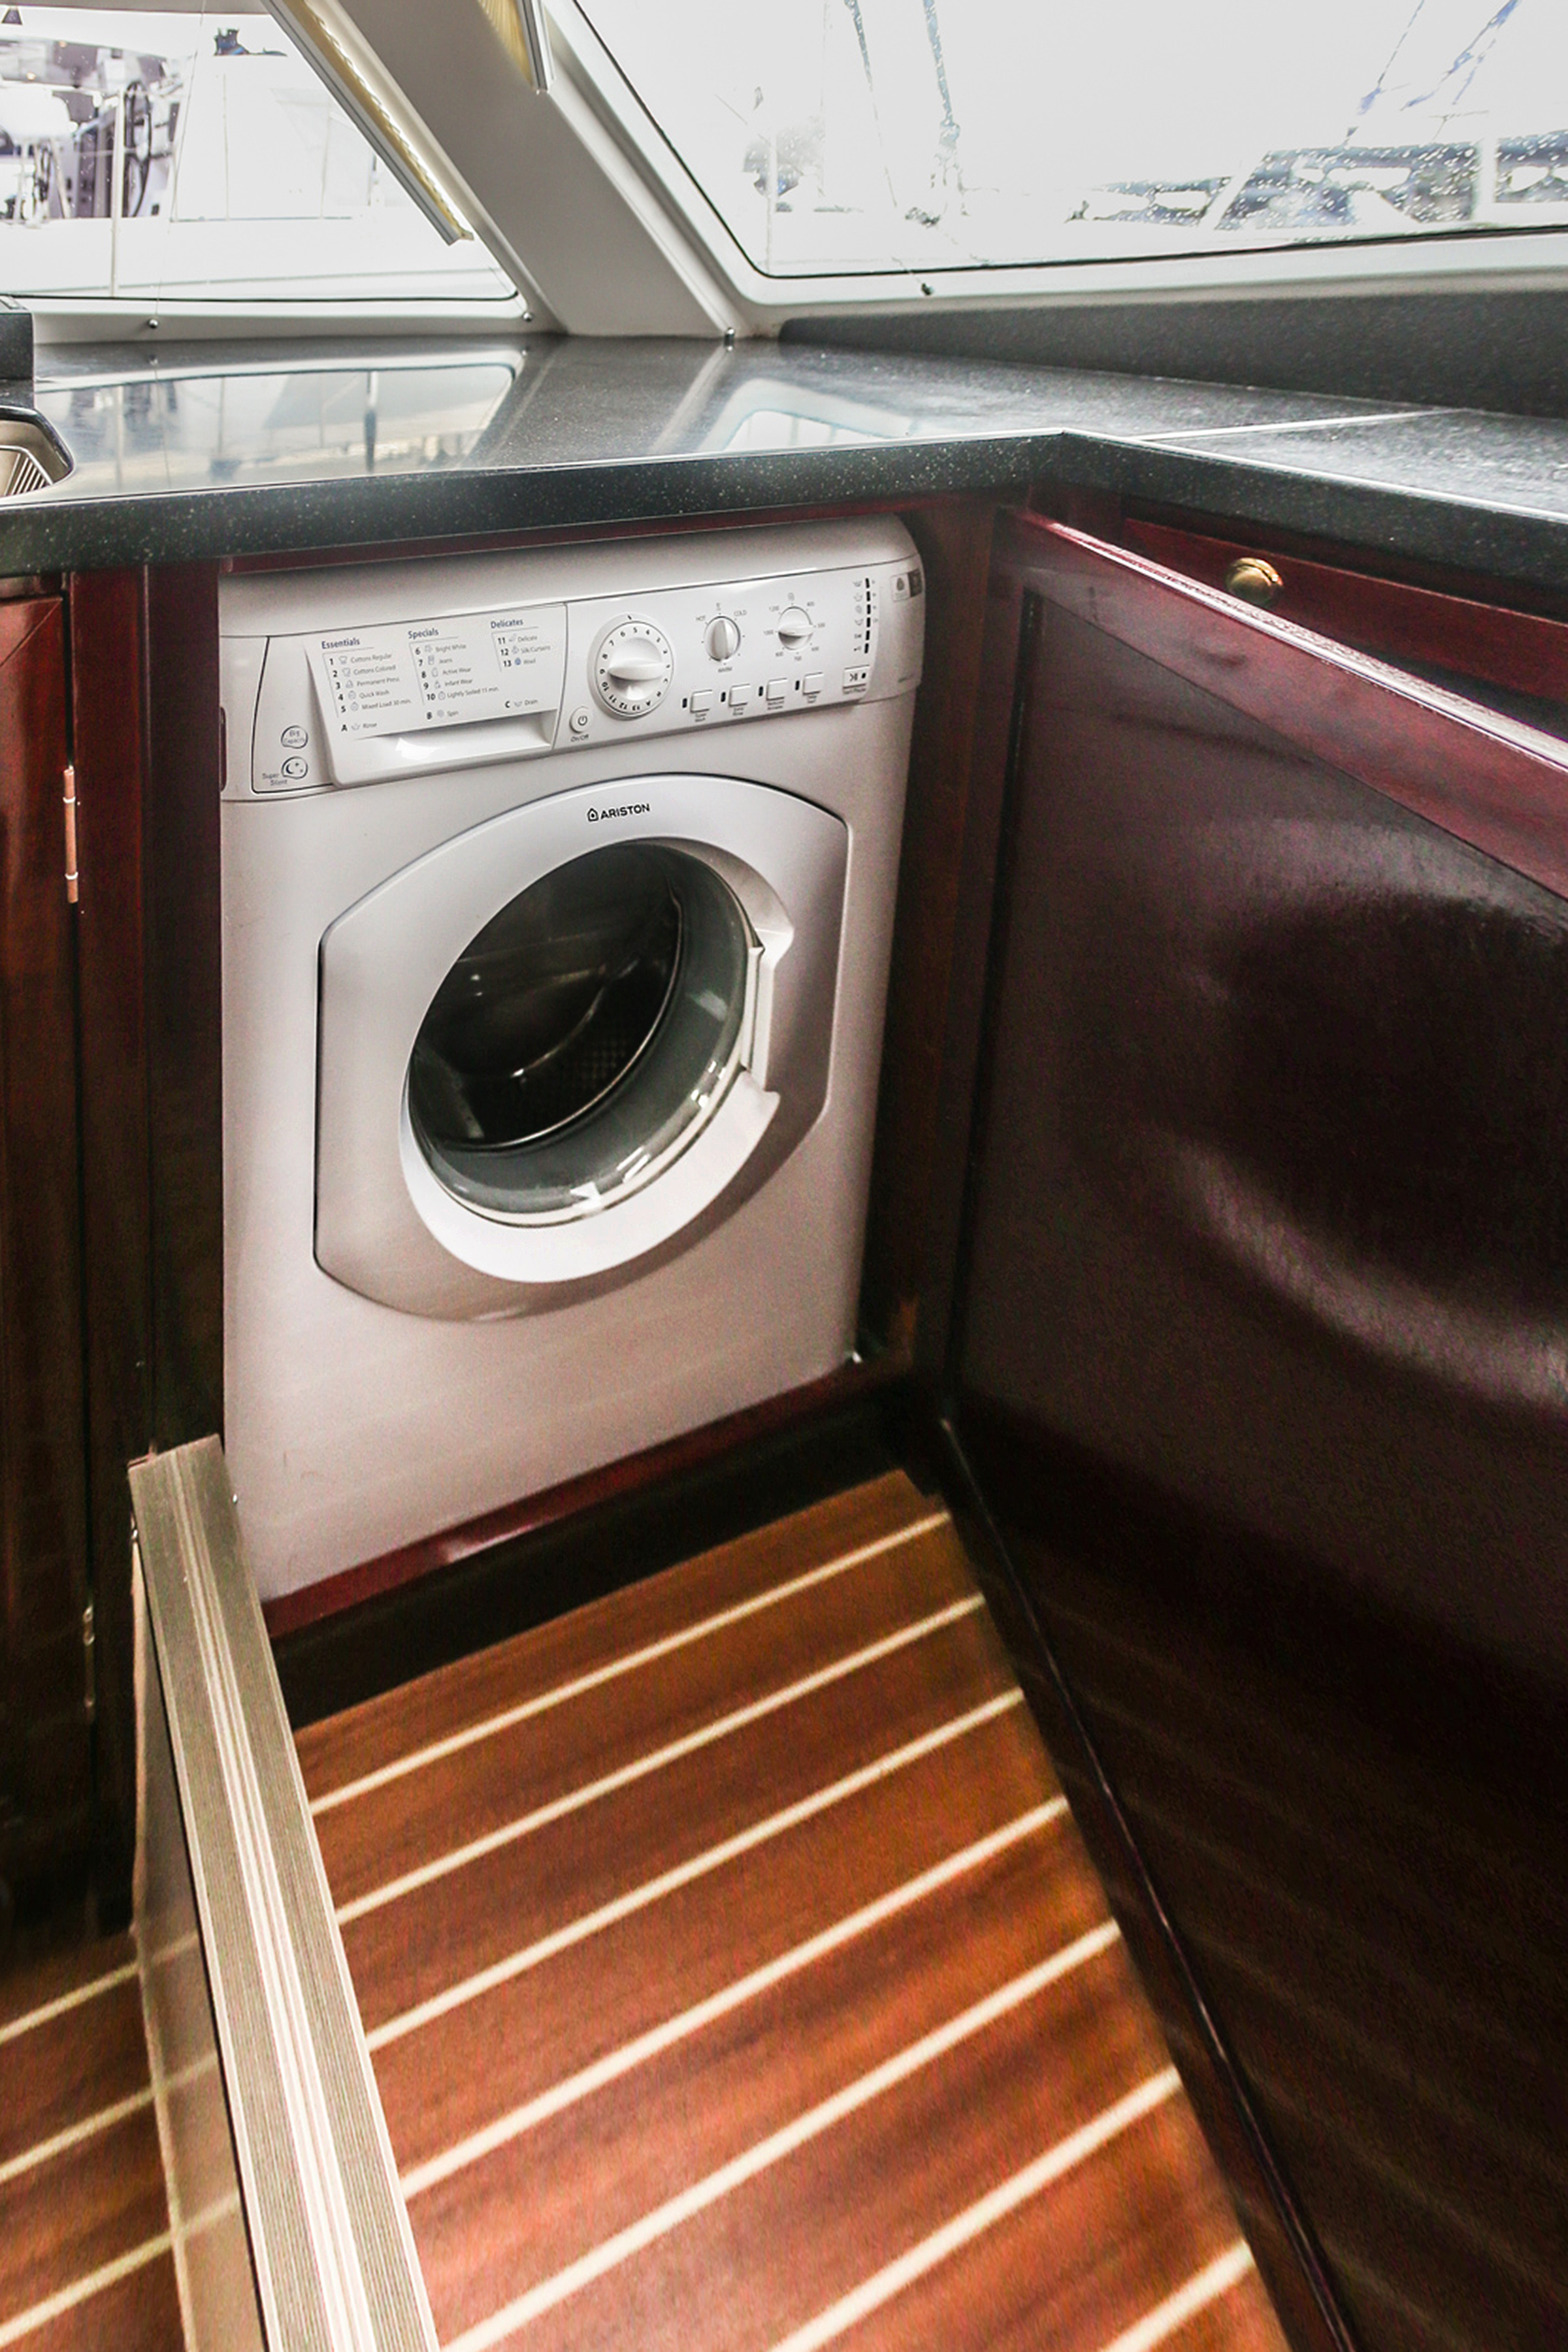 Air Power washer dryer